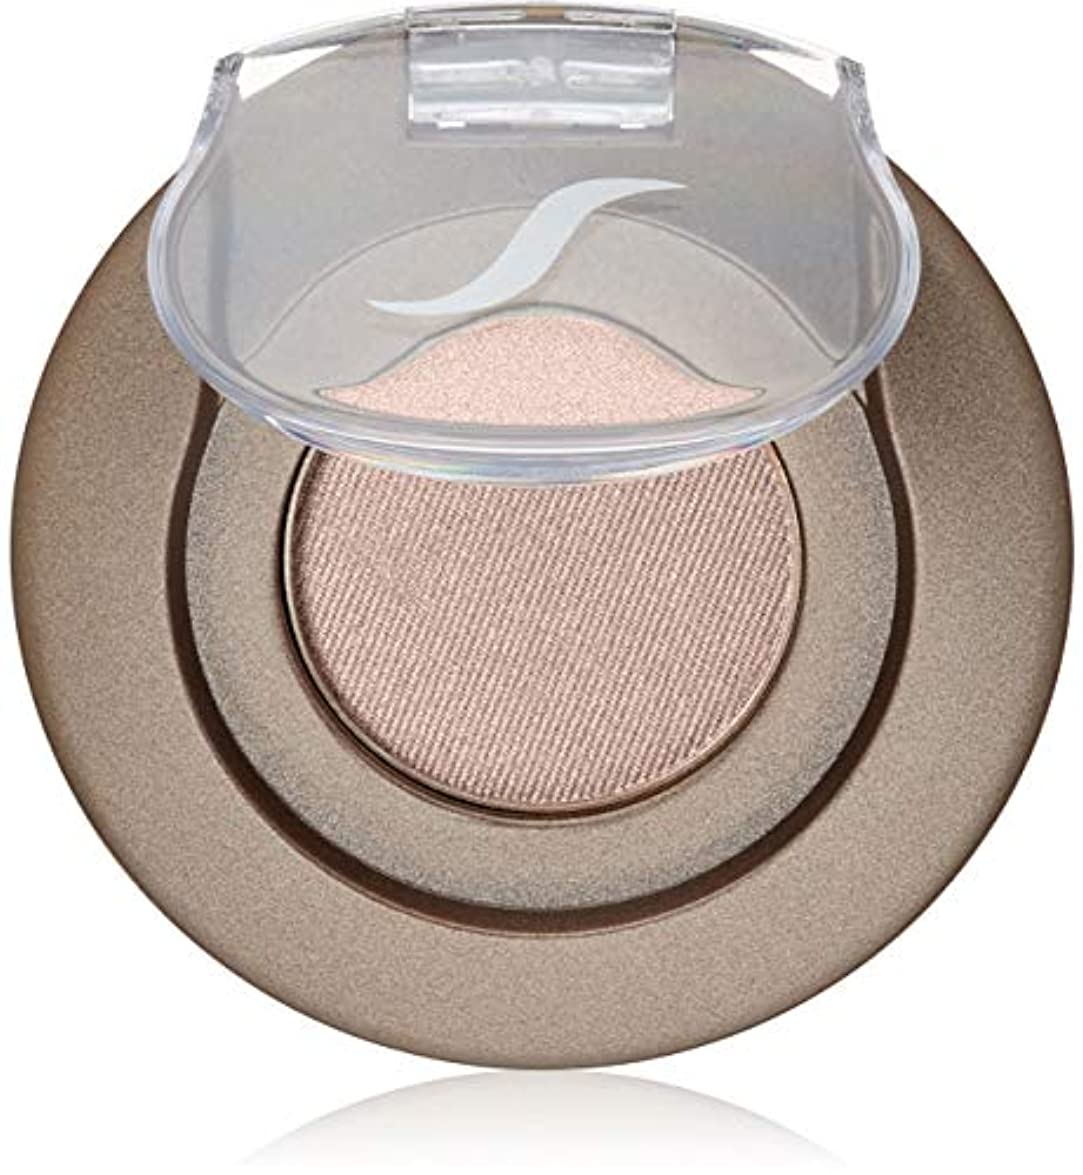 葉を拾う保険注目すべきSorme' Treatment Cosmetics Sorme化粧品ミネラルボタニカルアイシャドー、0.05オンス 0.05オンス フラッシュ